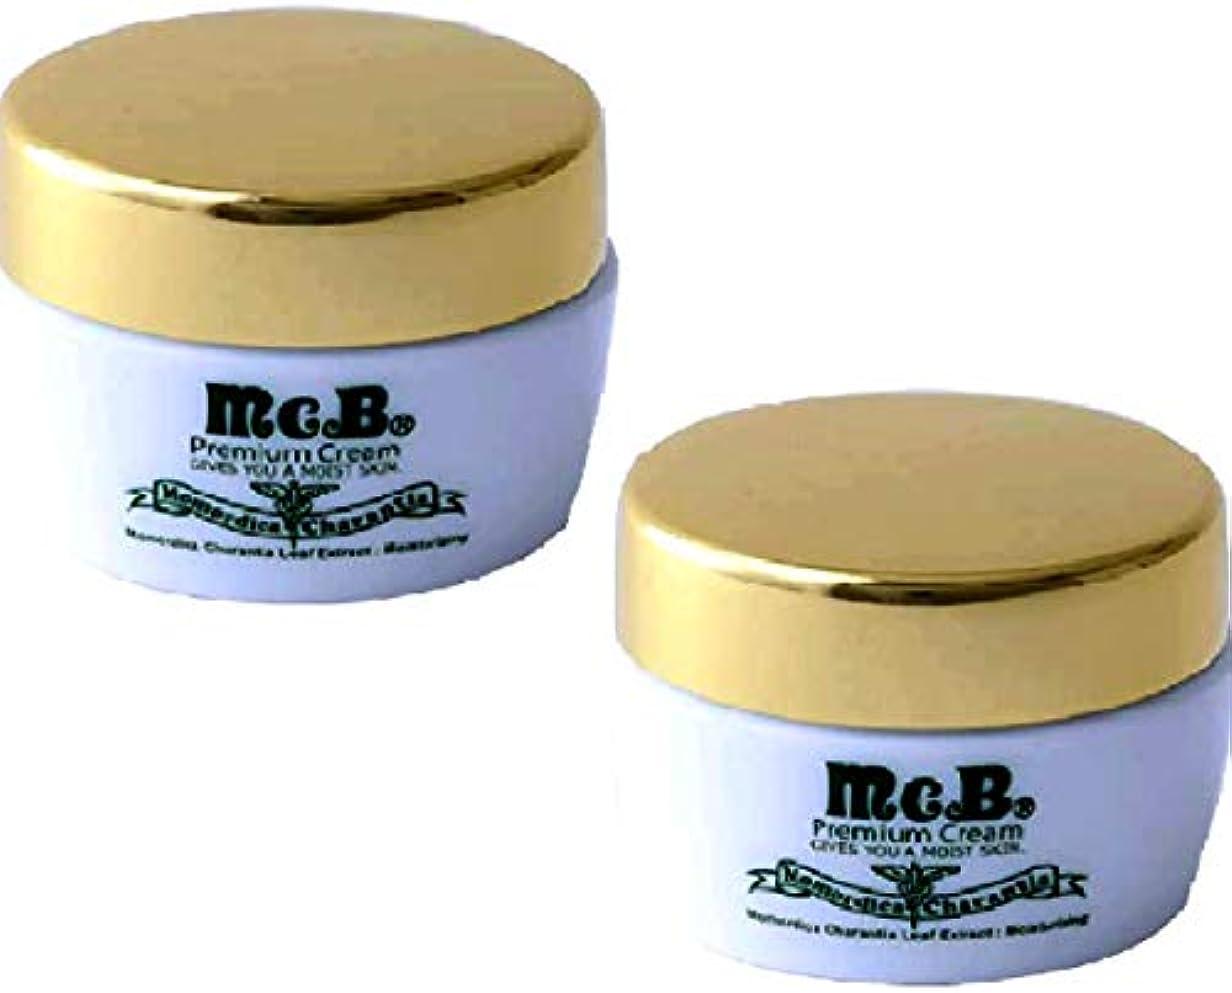 債務通常反逆者McB マックビー プレミアム クリーム Premium Cream 2個 セット 正規代理店